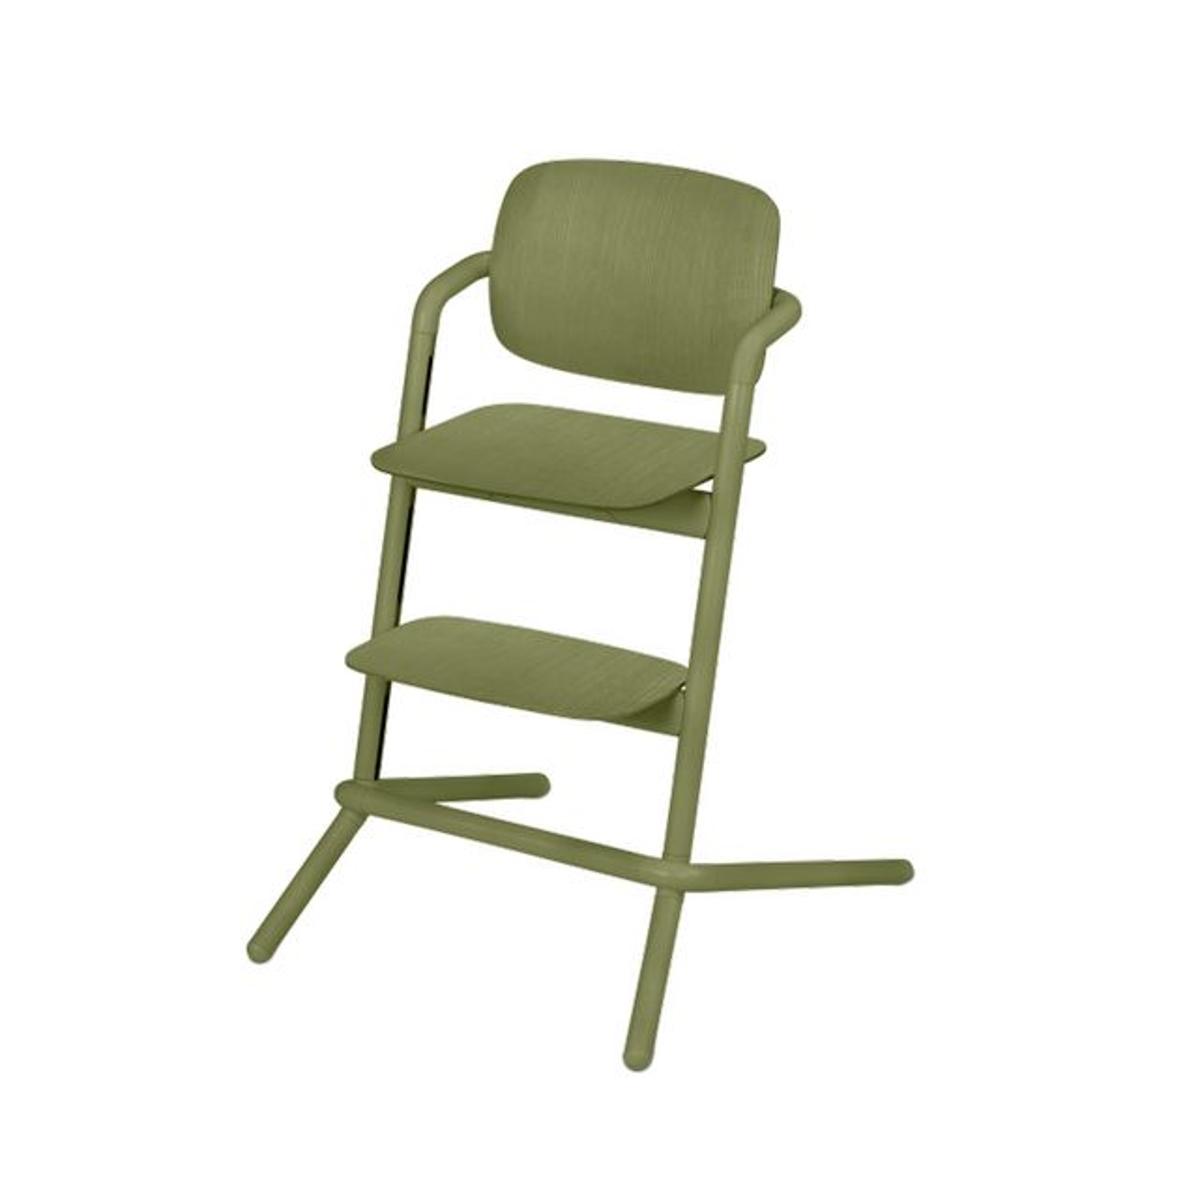 Chaise haute bois Lemo outback green